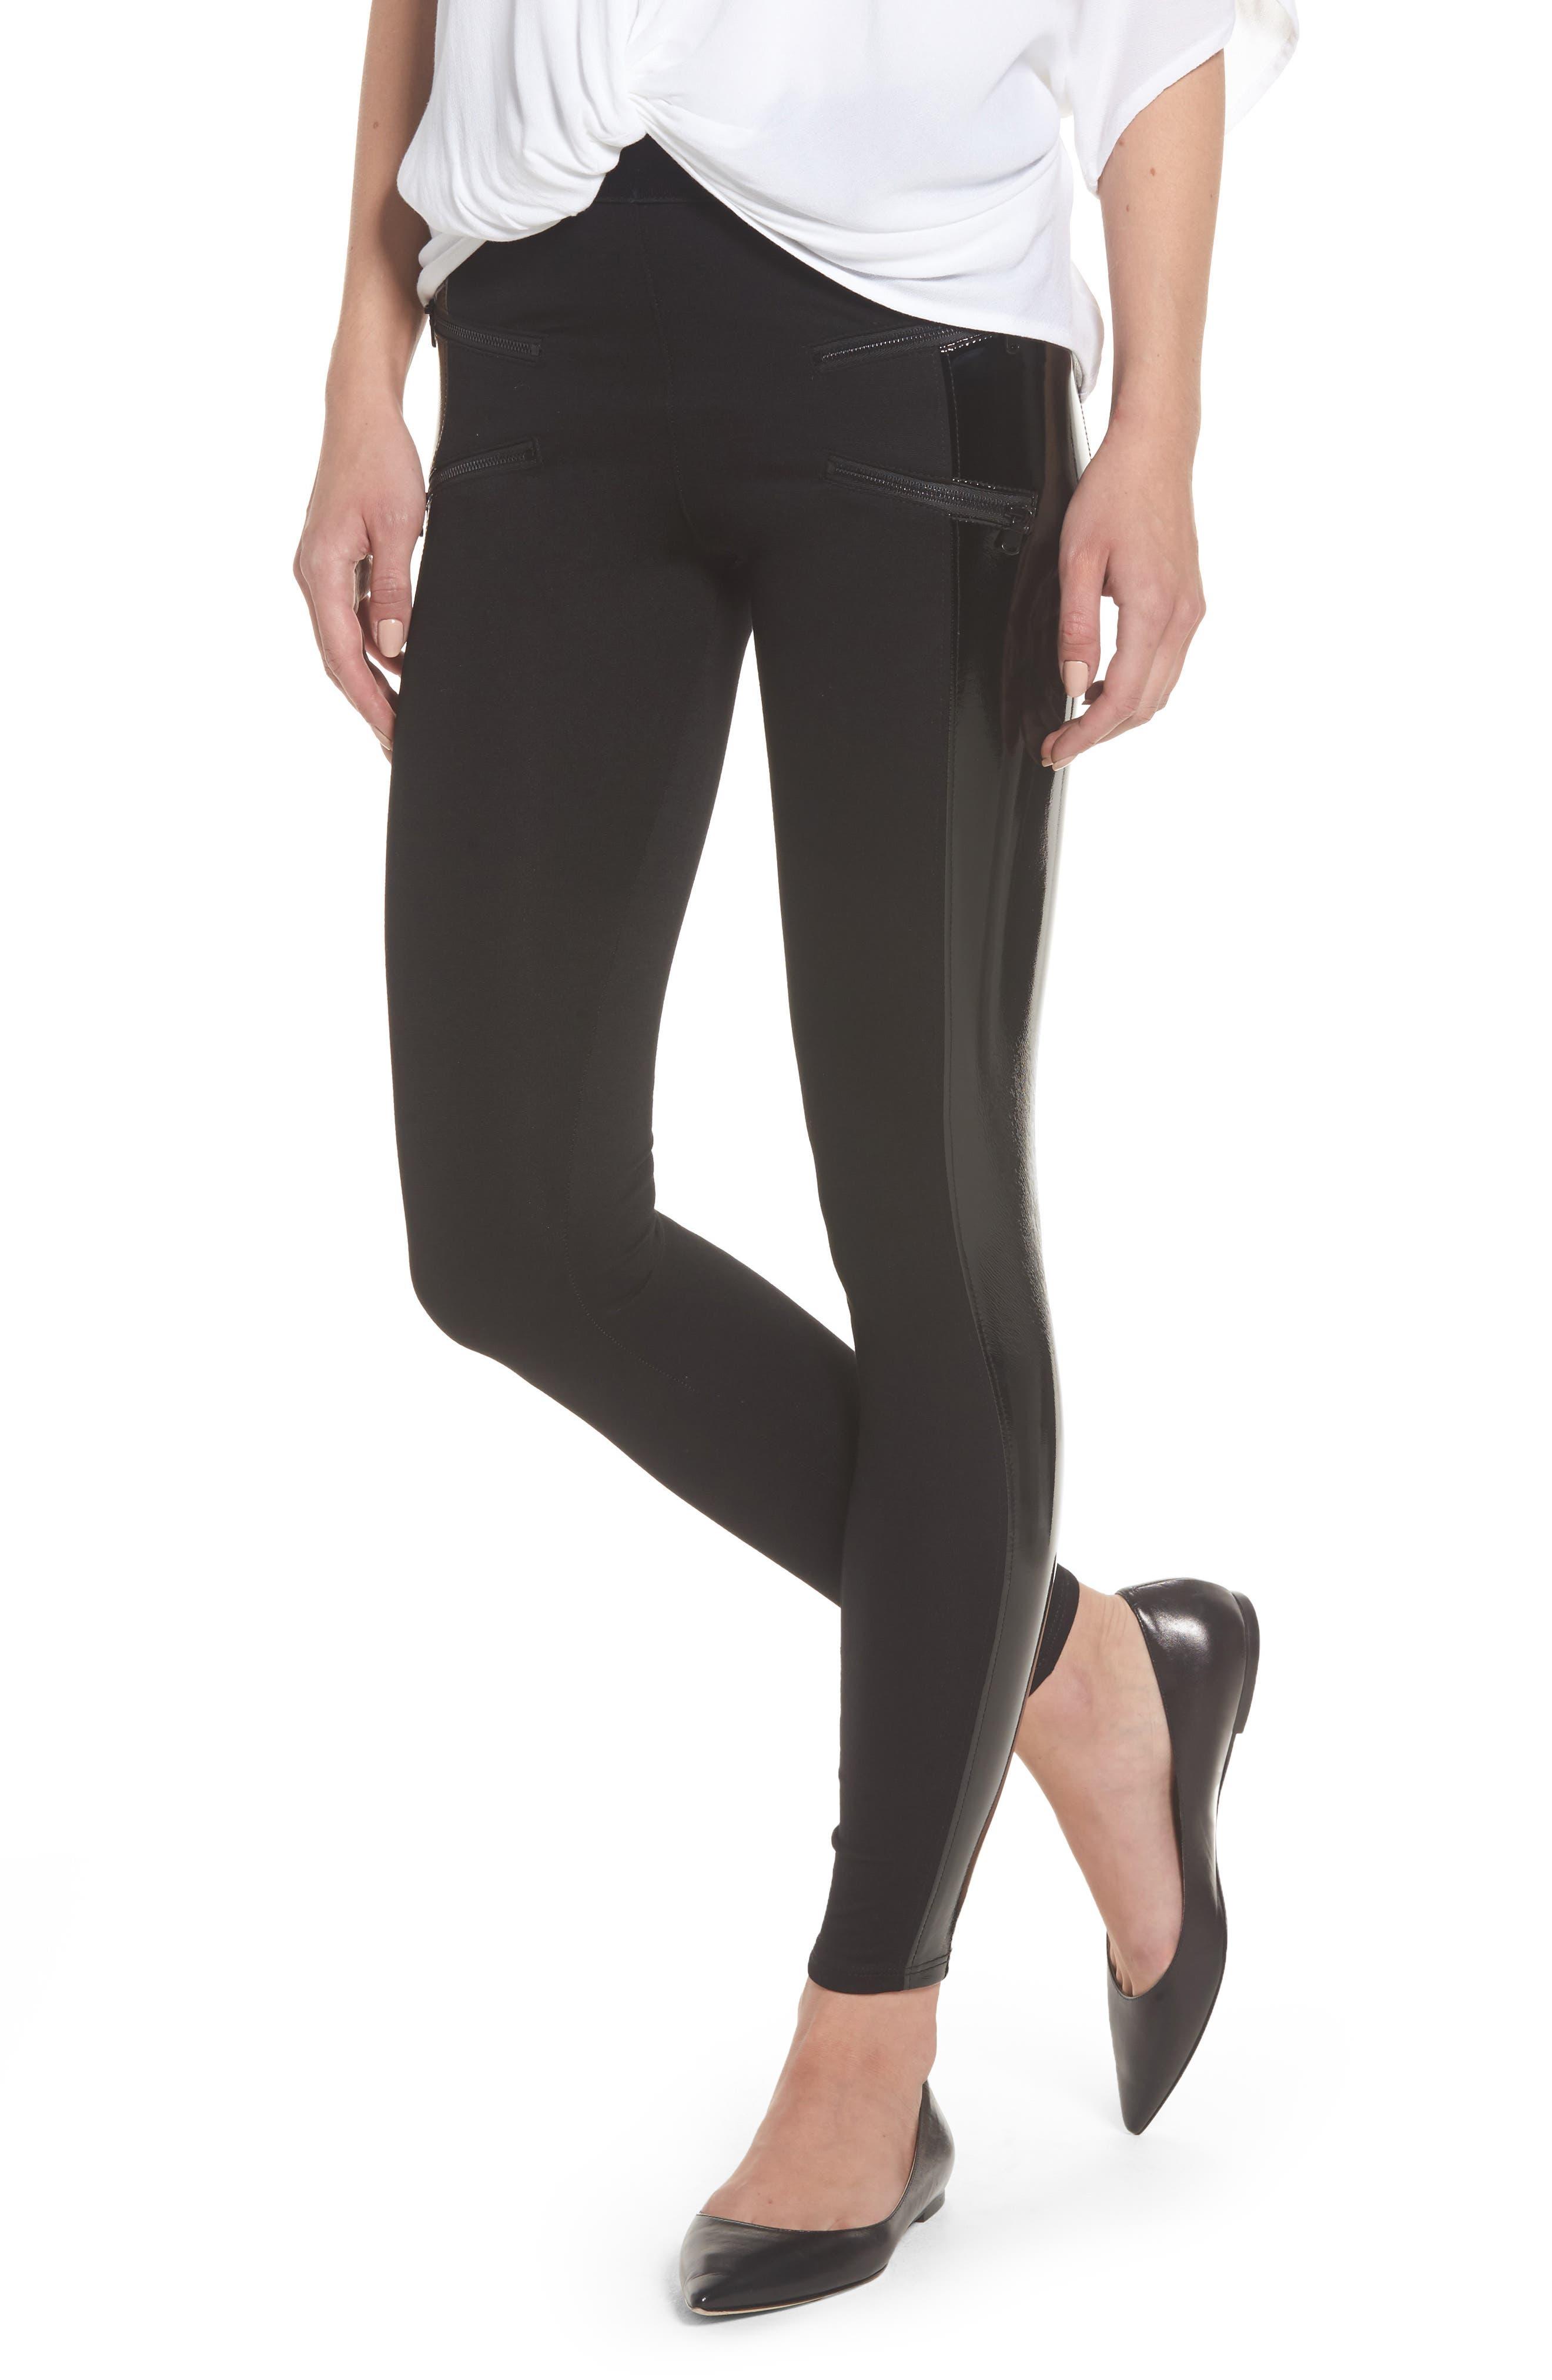 Starburst High Waist Leggings,                         Main,                         color, Black